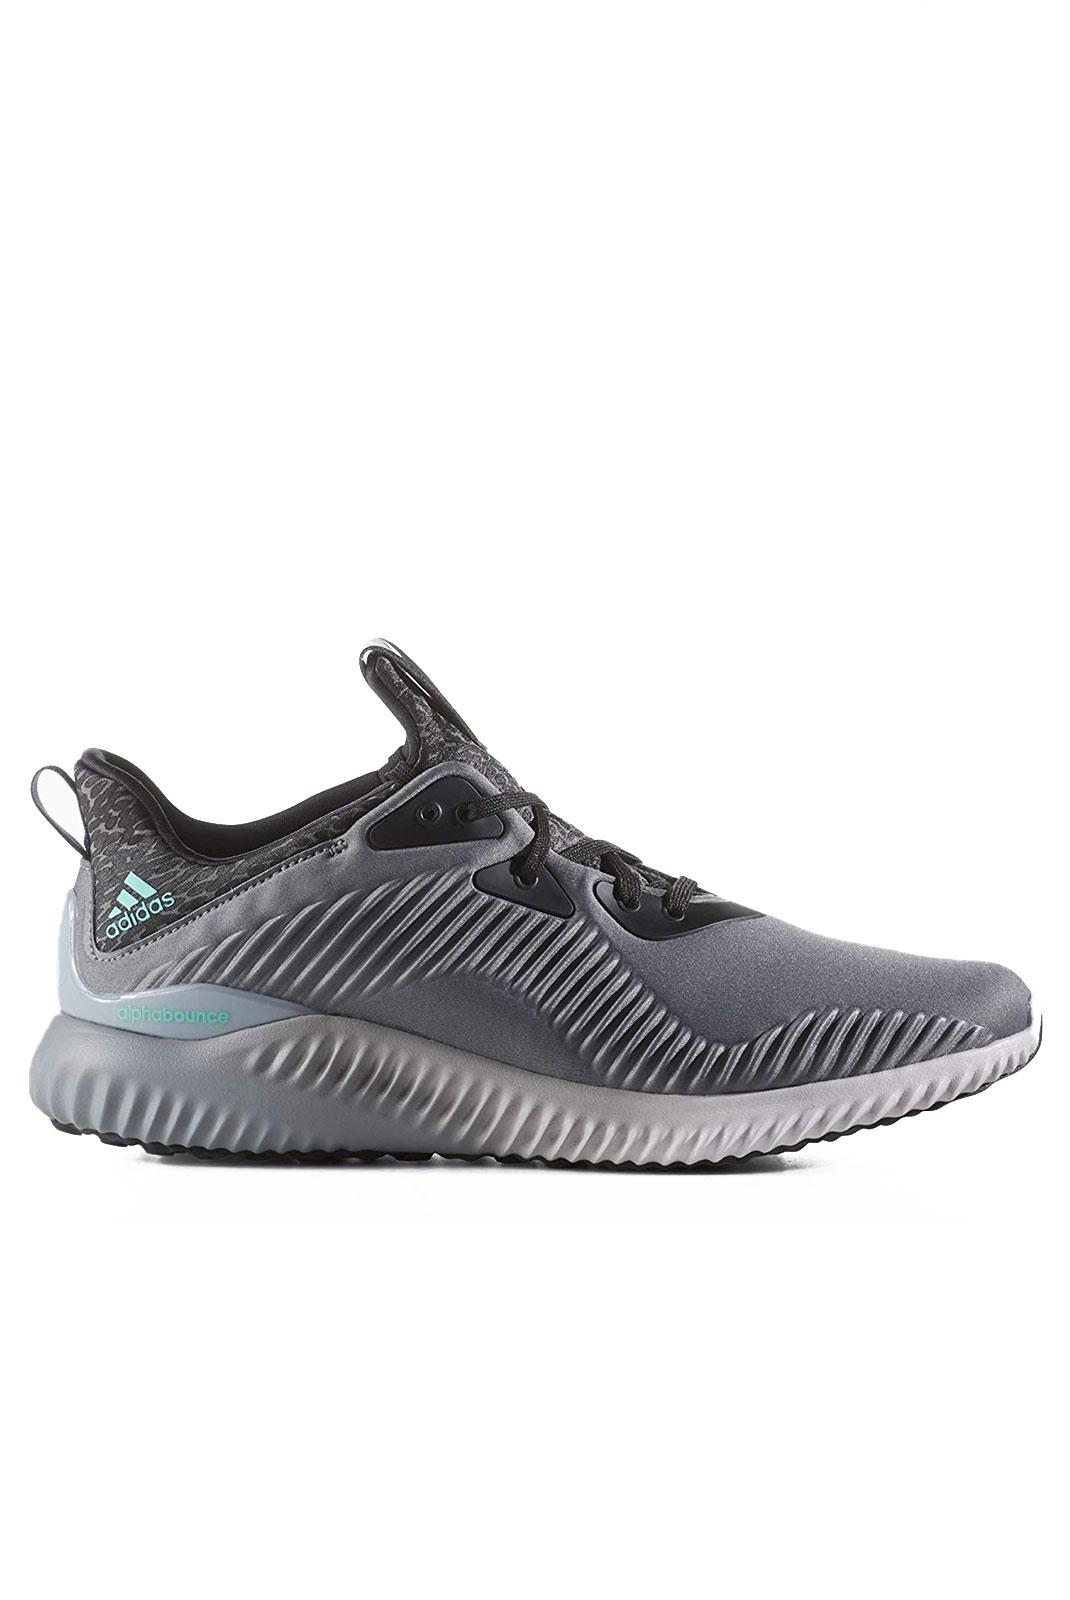 Baskets / Sport  Adidas B54188 ALPHABOUNCE GRIS